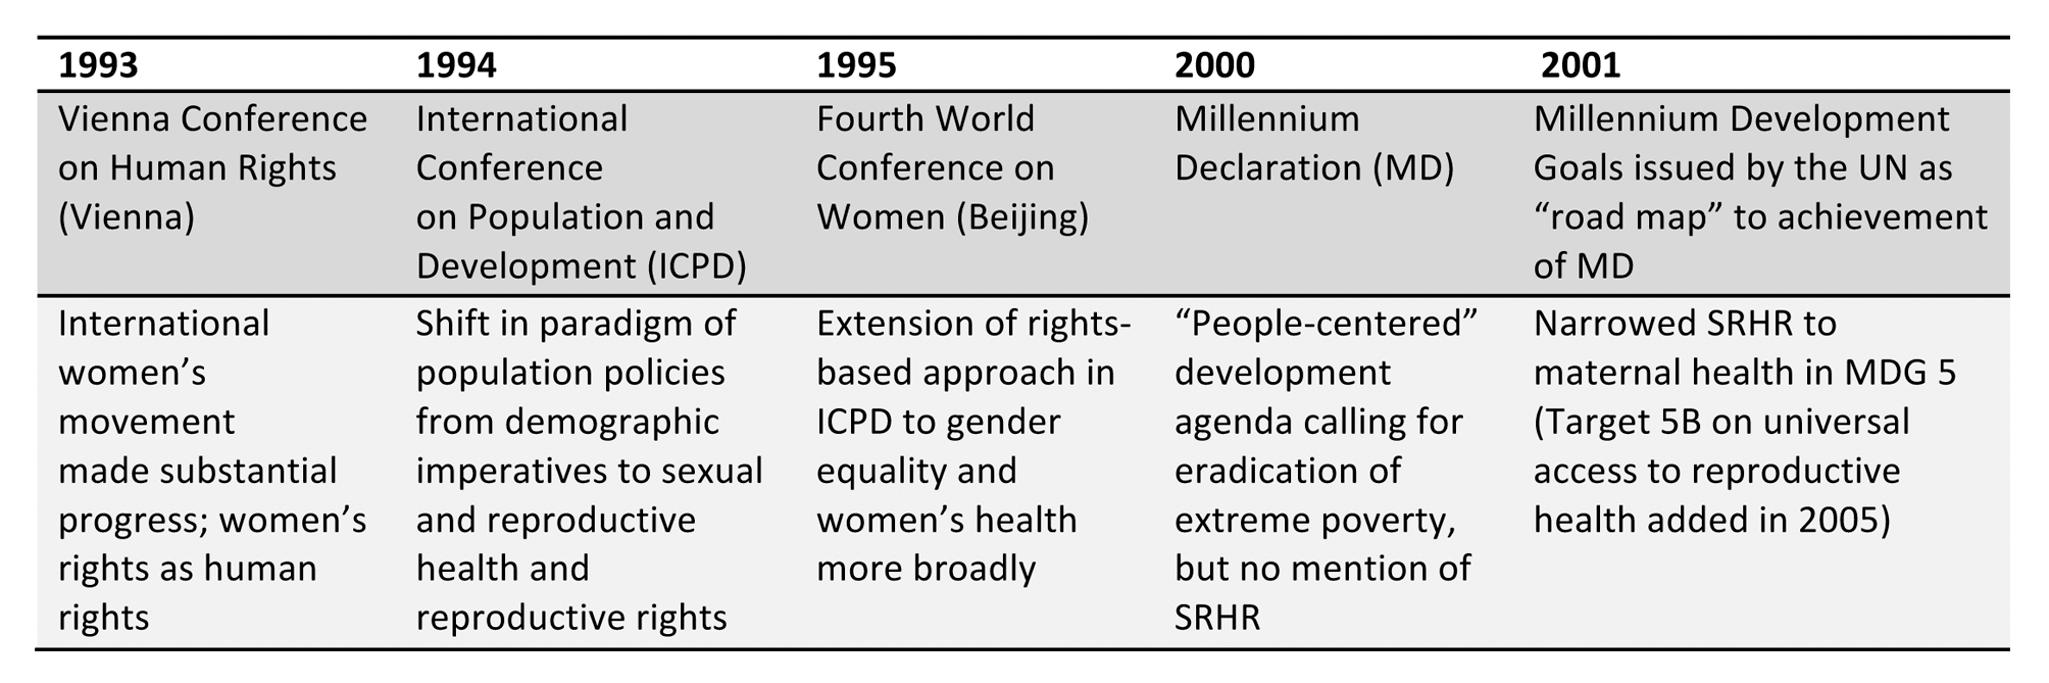 Timeline of relevant international conferences.